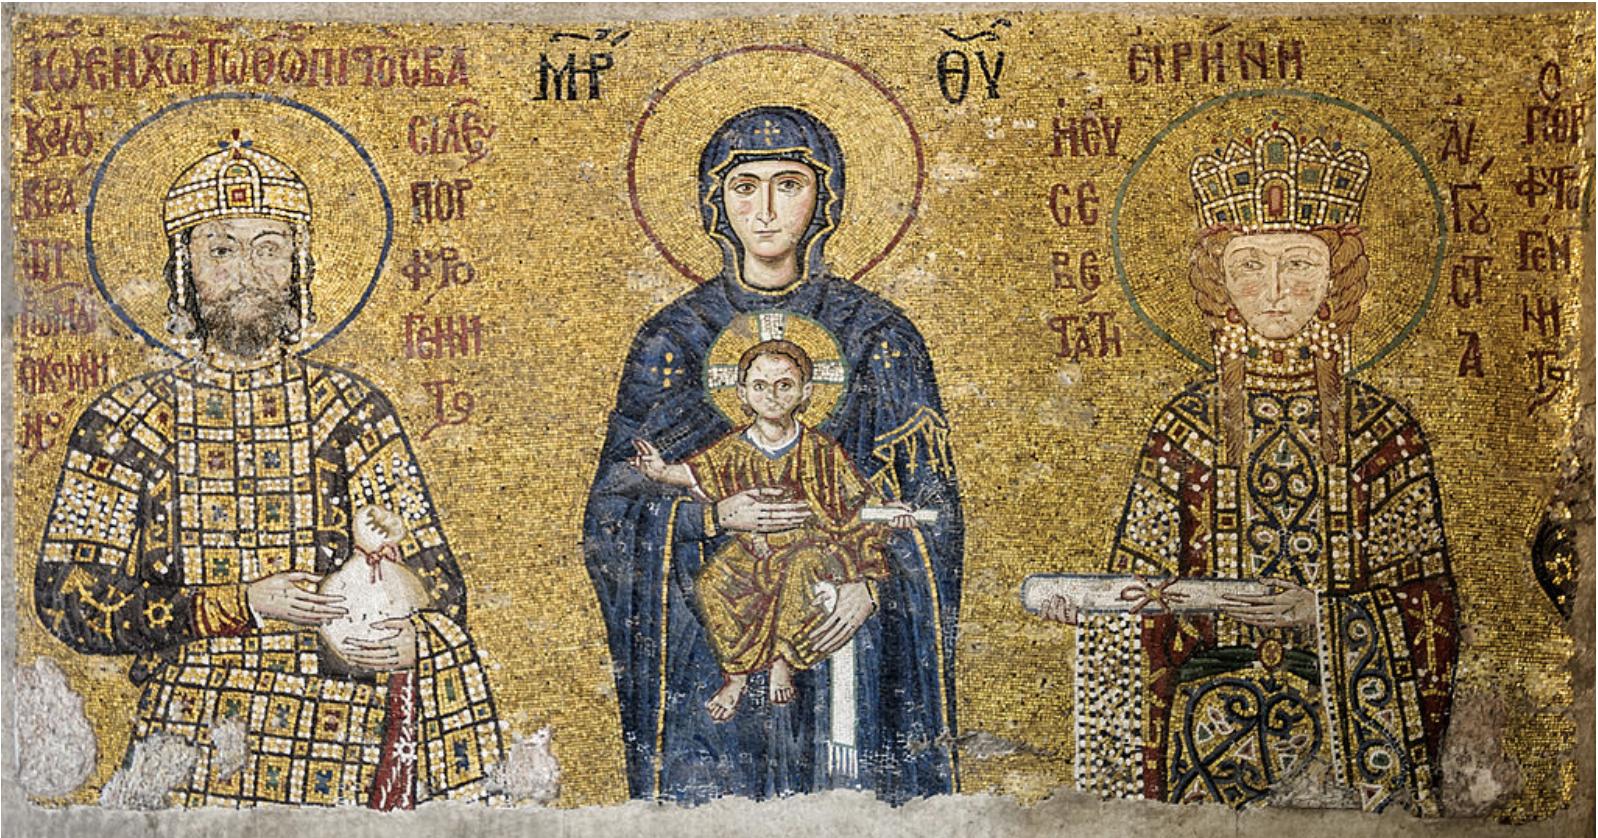 Αγία Σοφία: Ο εντυπωσιακός εσωτερικός διάκοσμος με μοναδικά ψηφιδωτά και τοιχογραφίες